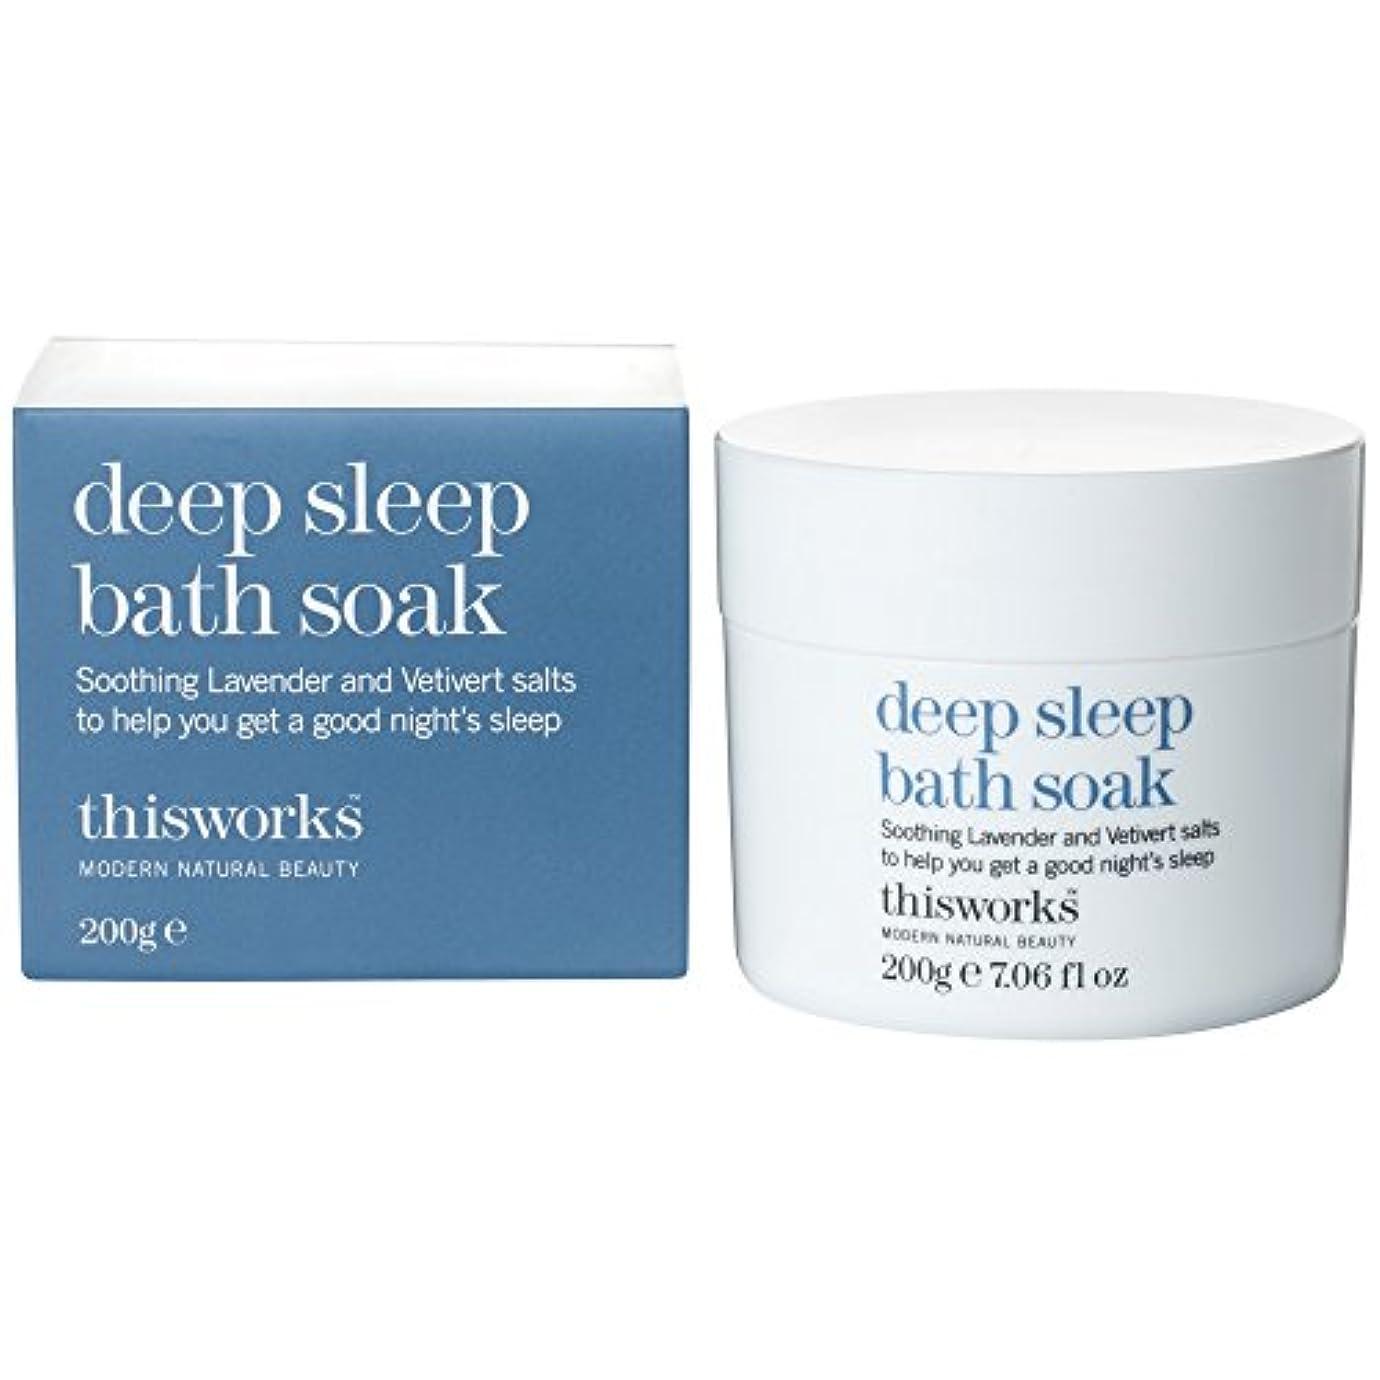 反抗速い羨望これは、深い眠り浴が200グラムを浸す働きます (This Works) - This Works Deep Sleep Bath Soak 200g [並行輸入品]